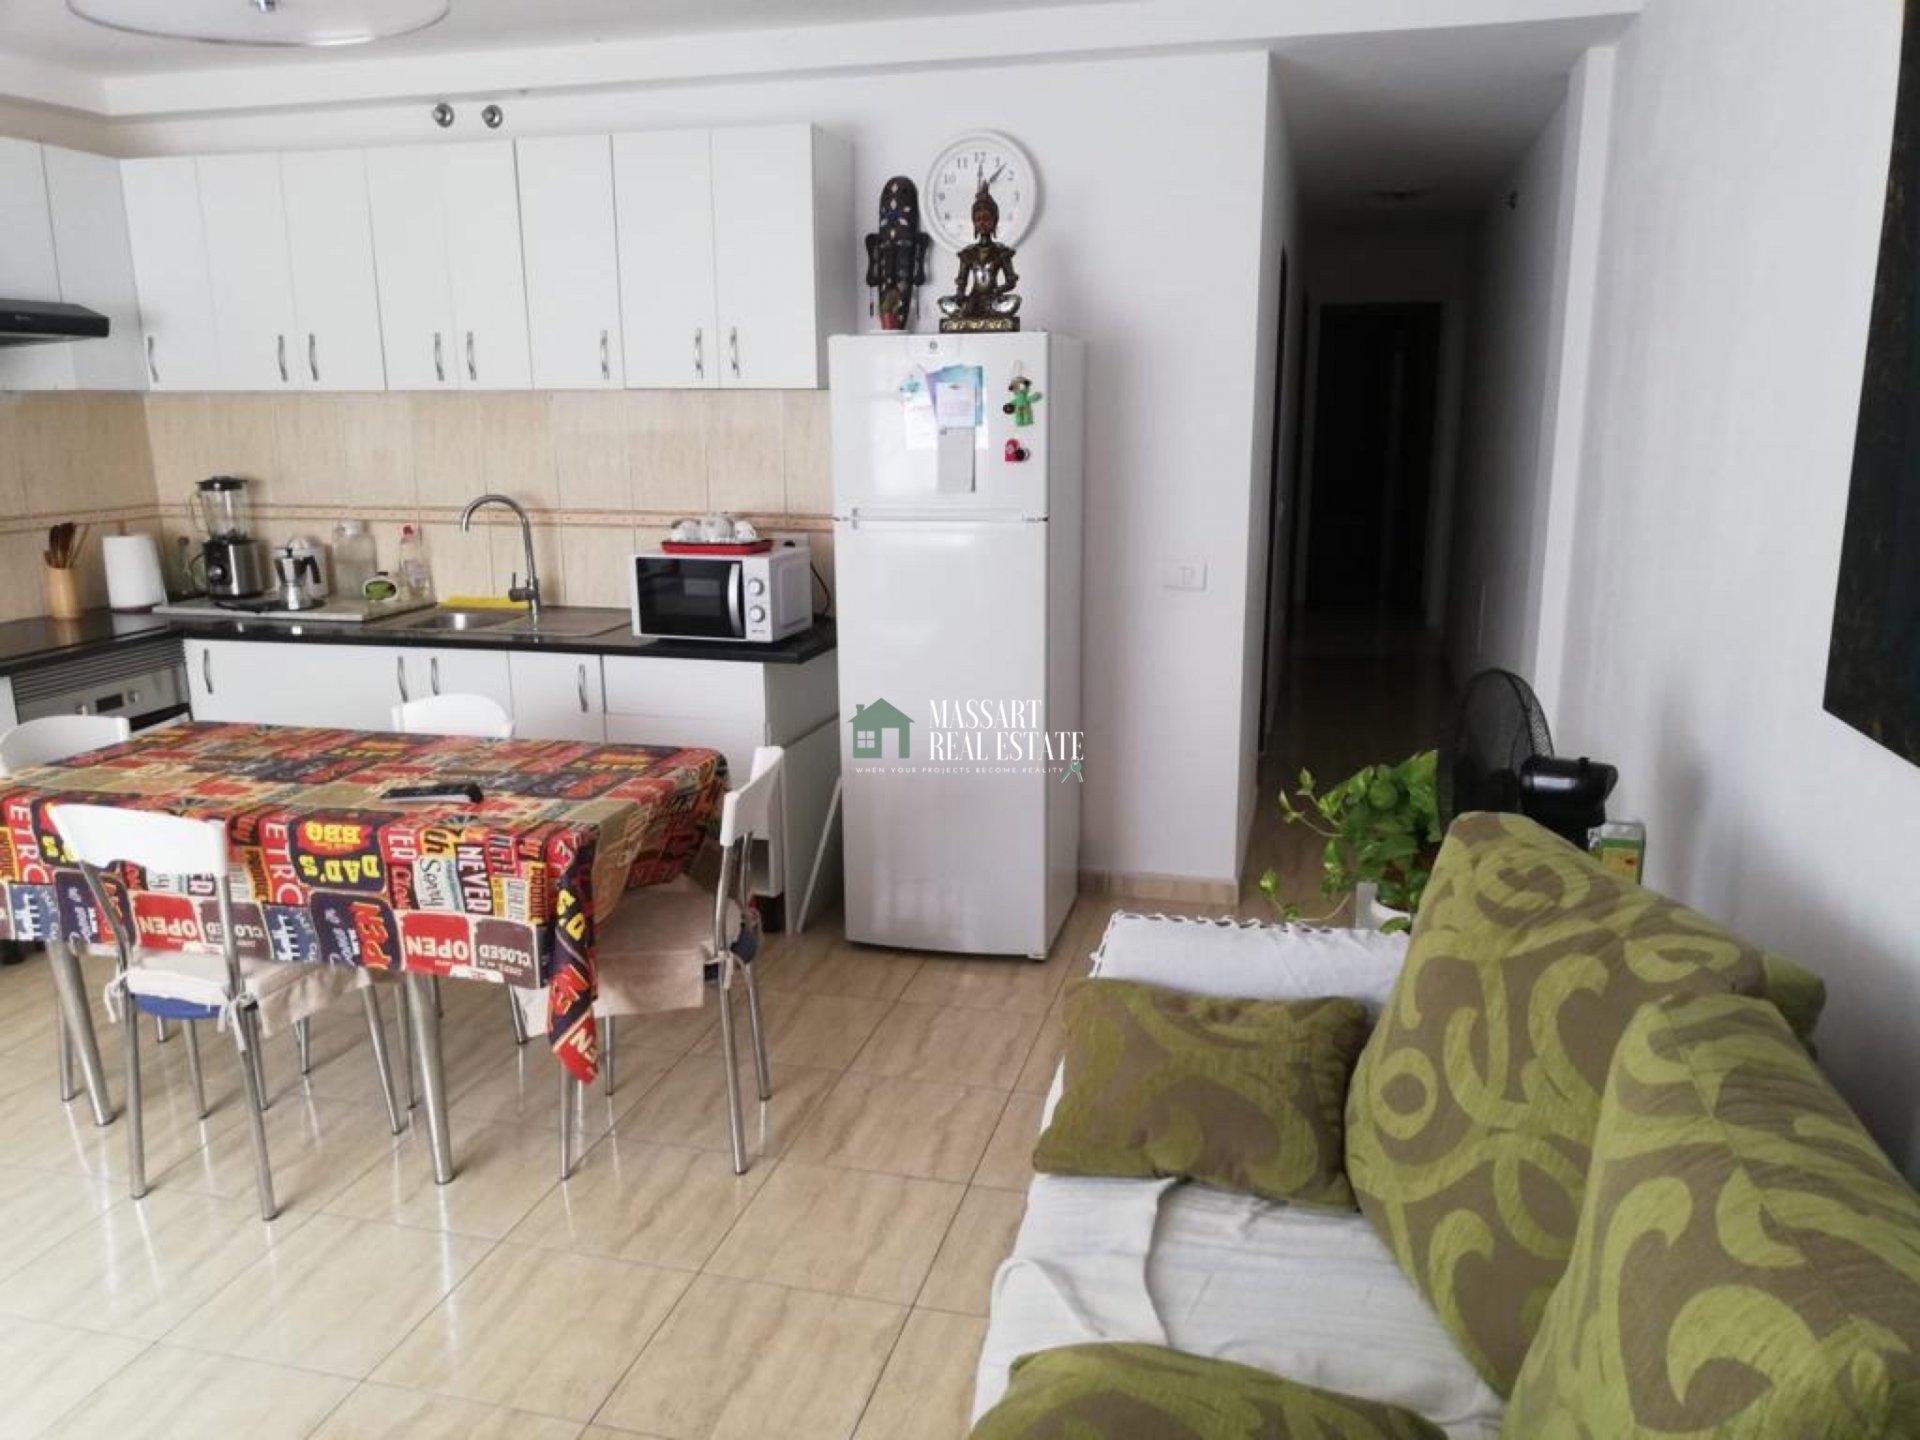 Ruim appartement van 70 m2 gelegen op de begane grond in de rustige en centrale wijk Las Zocas, in San Miguel de Abona.